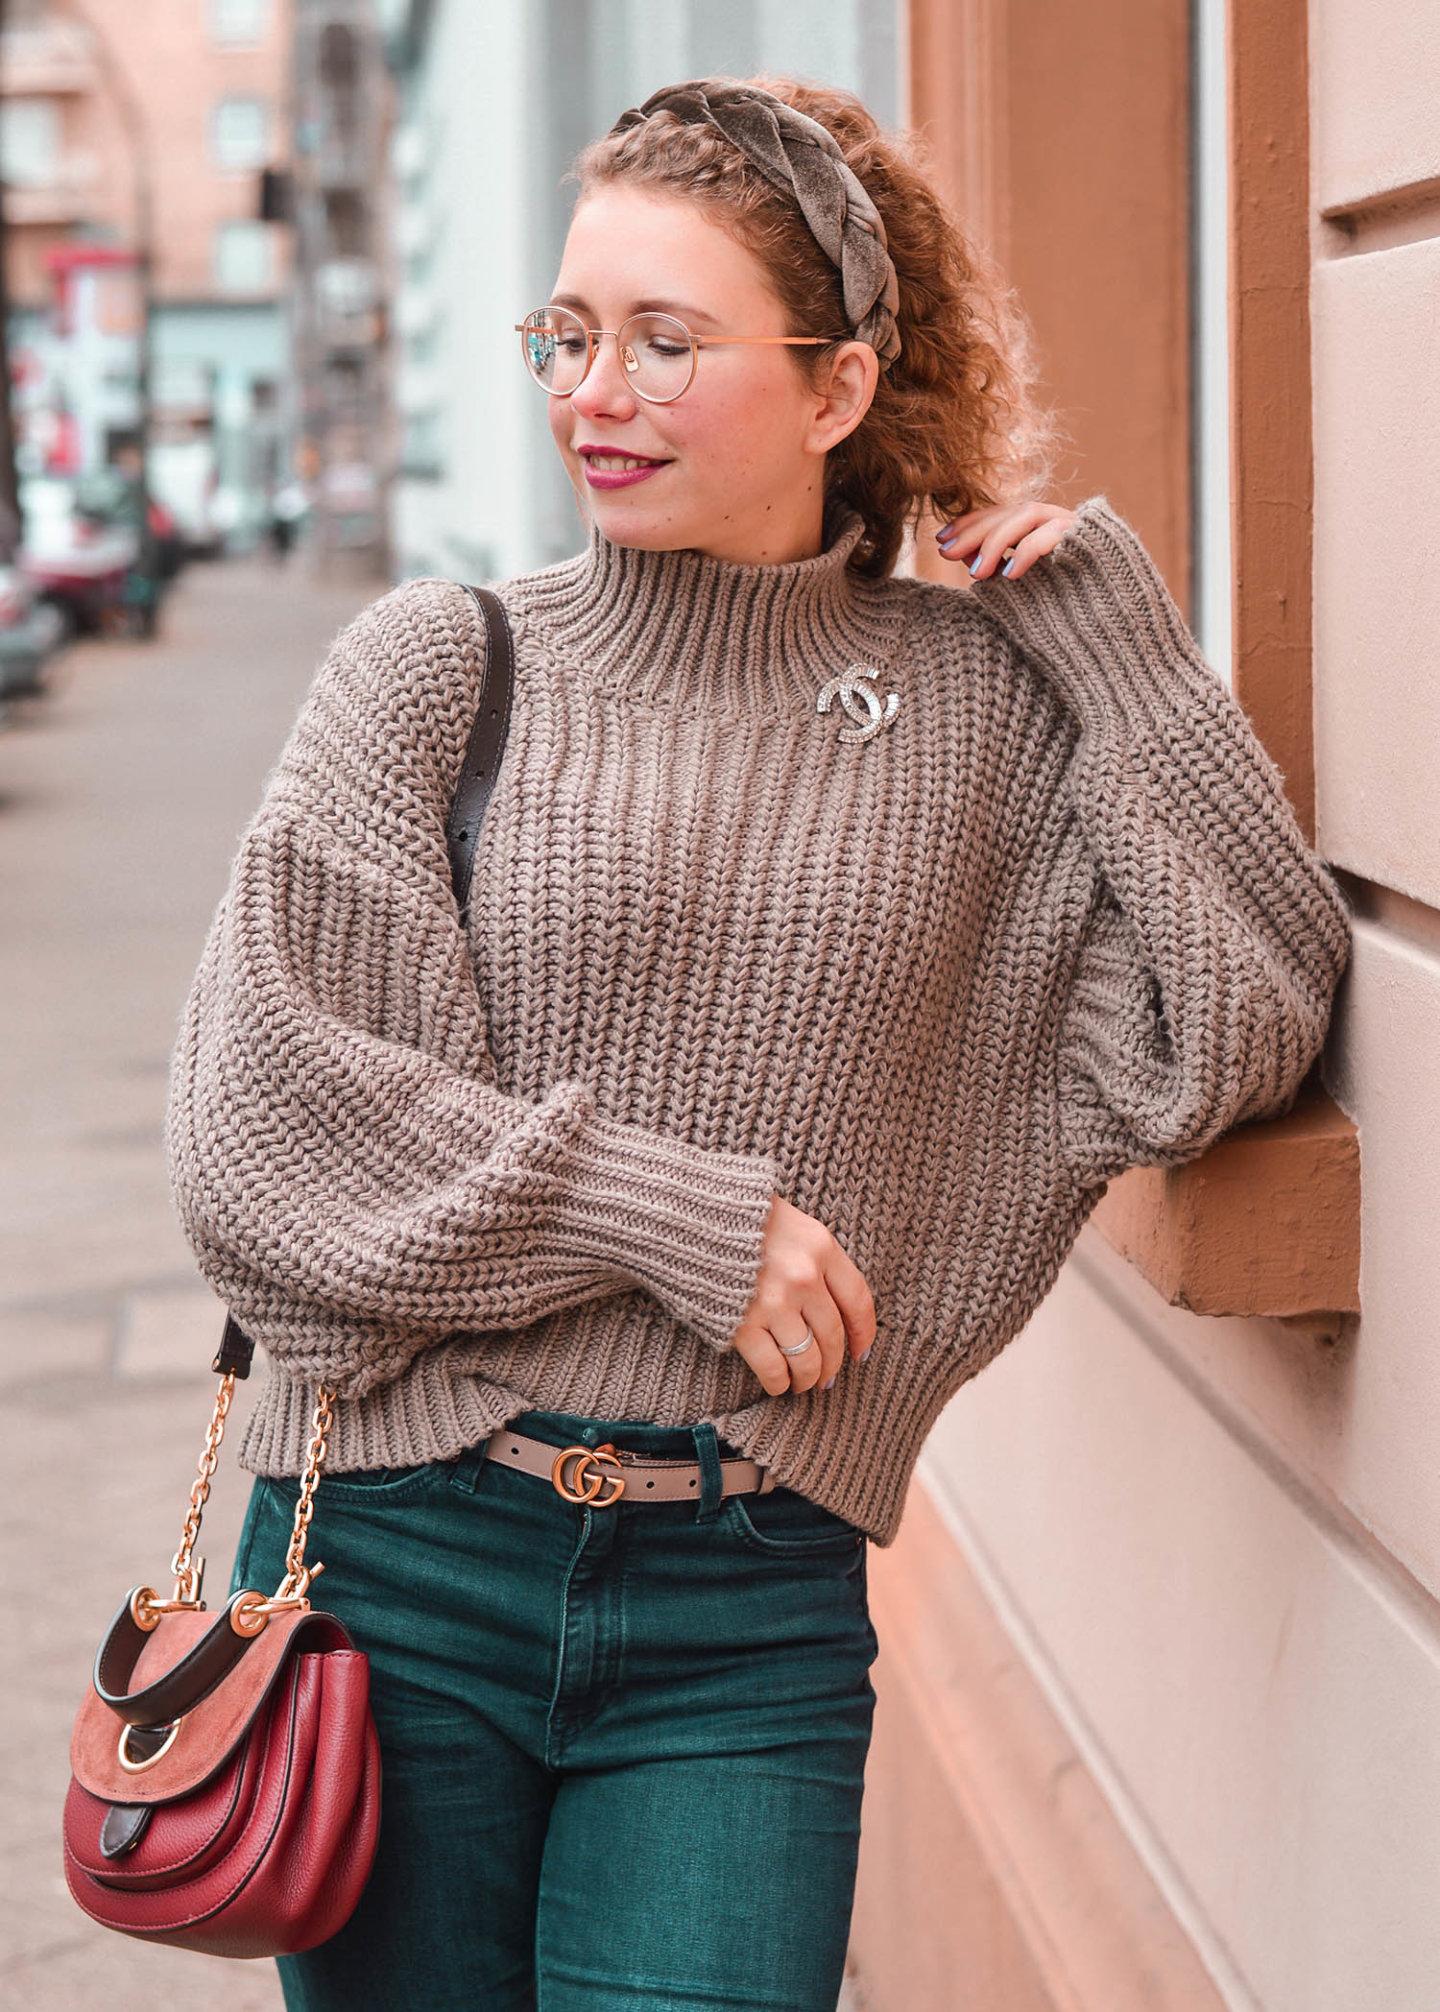 Geflochtener Haarreif aus Samt - Fashion-Trend 2020